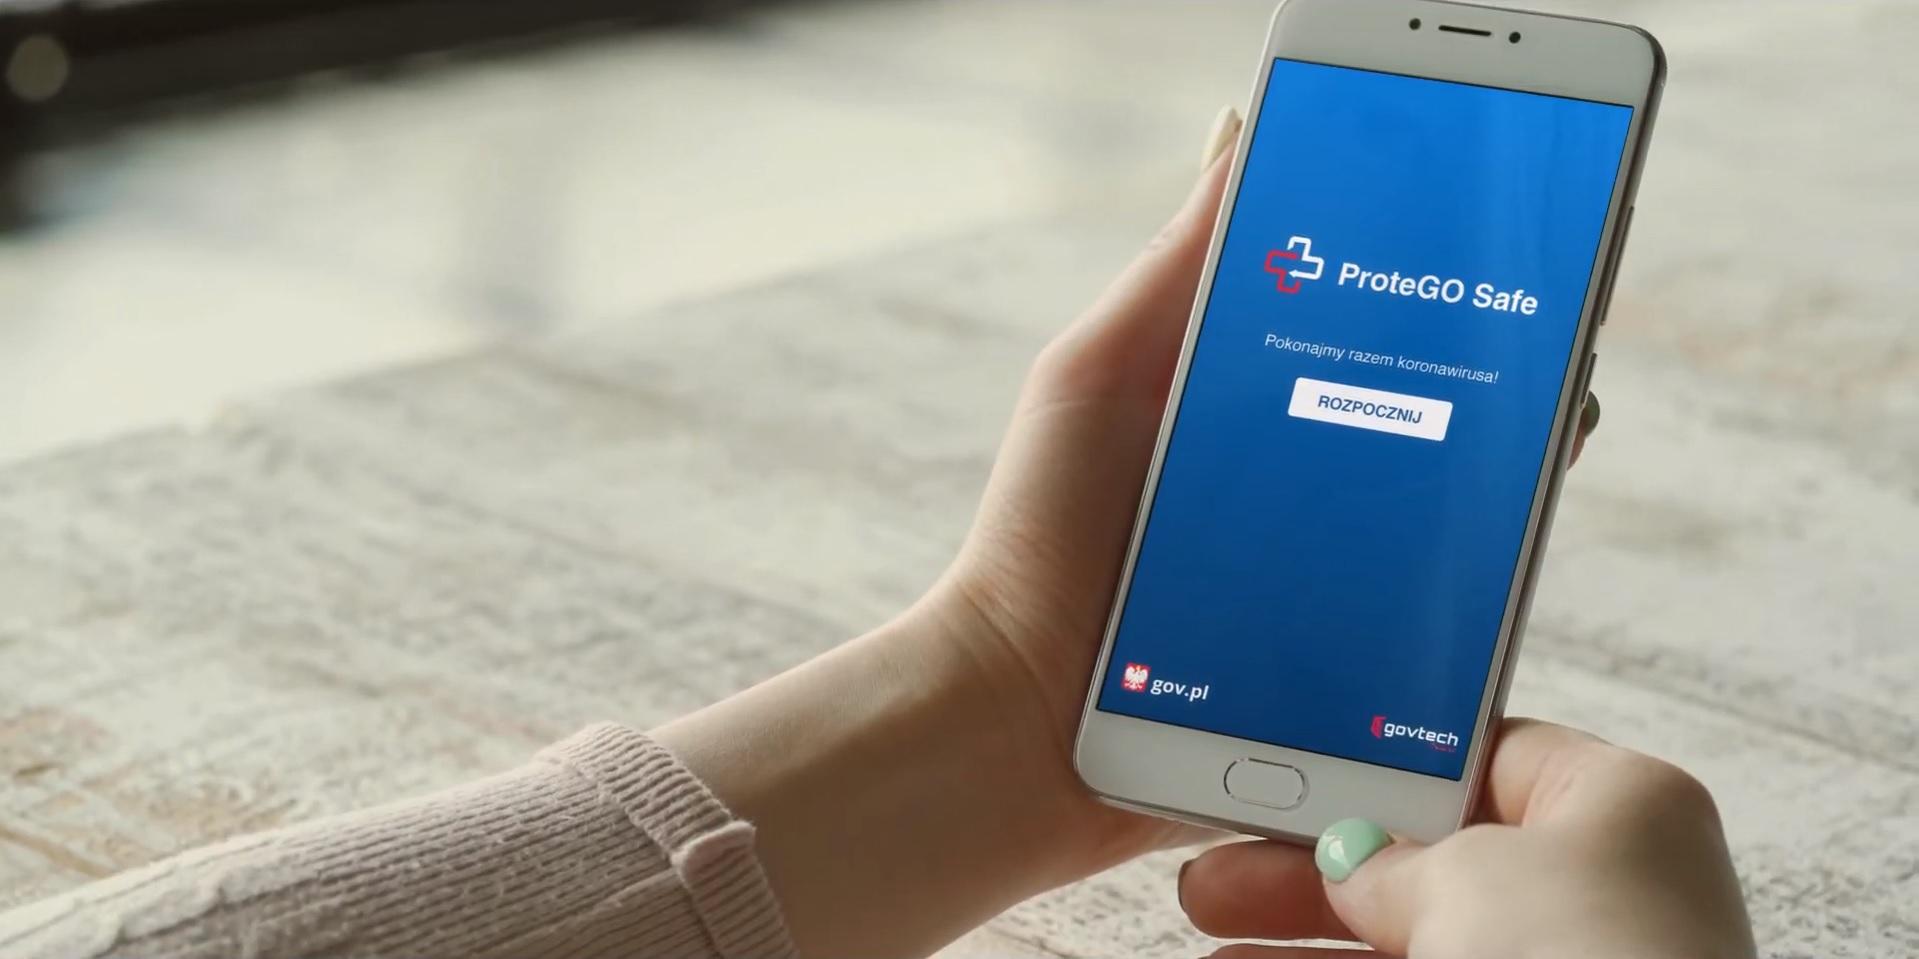 ProteGO Safe app